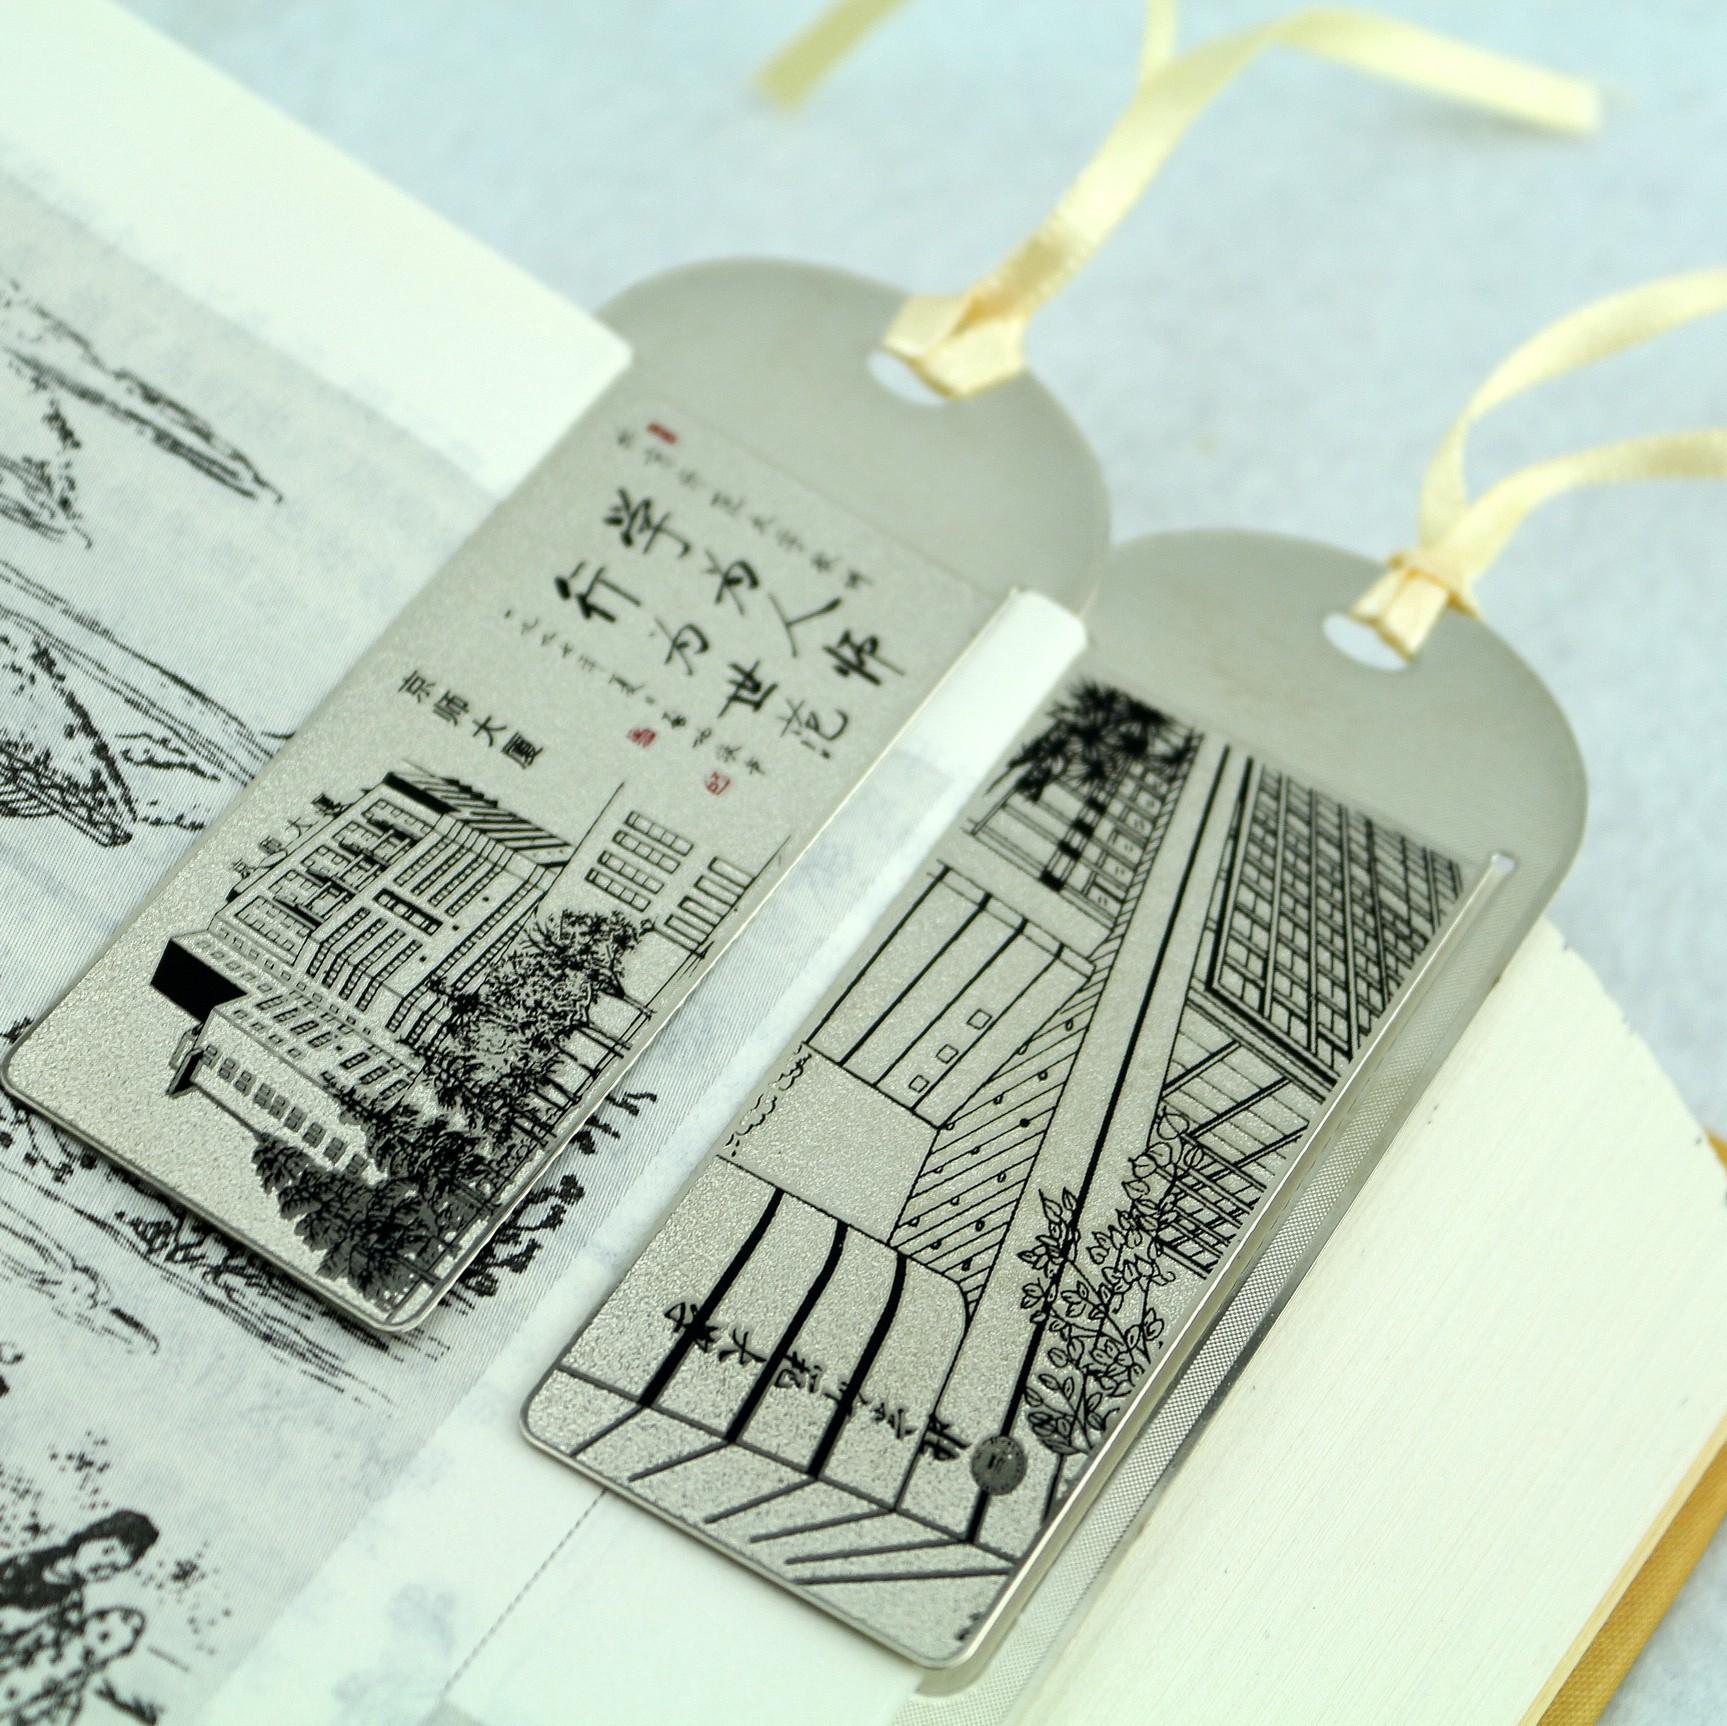 兔子书签系列彩铅手绘